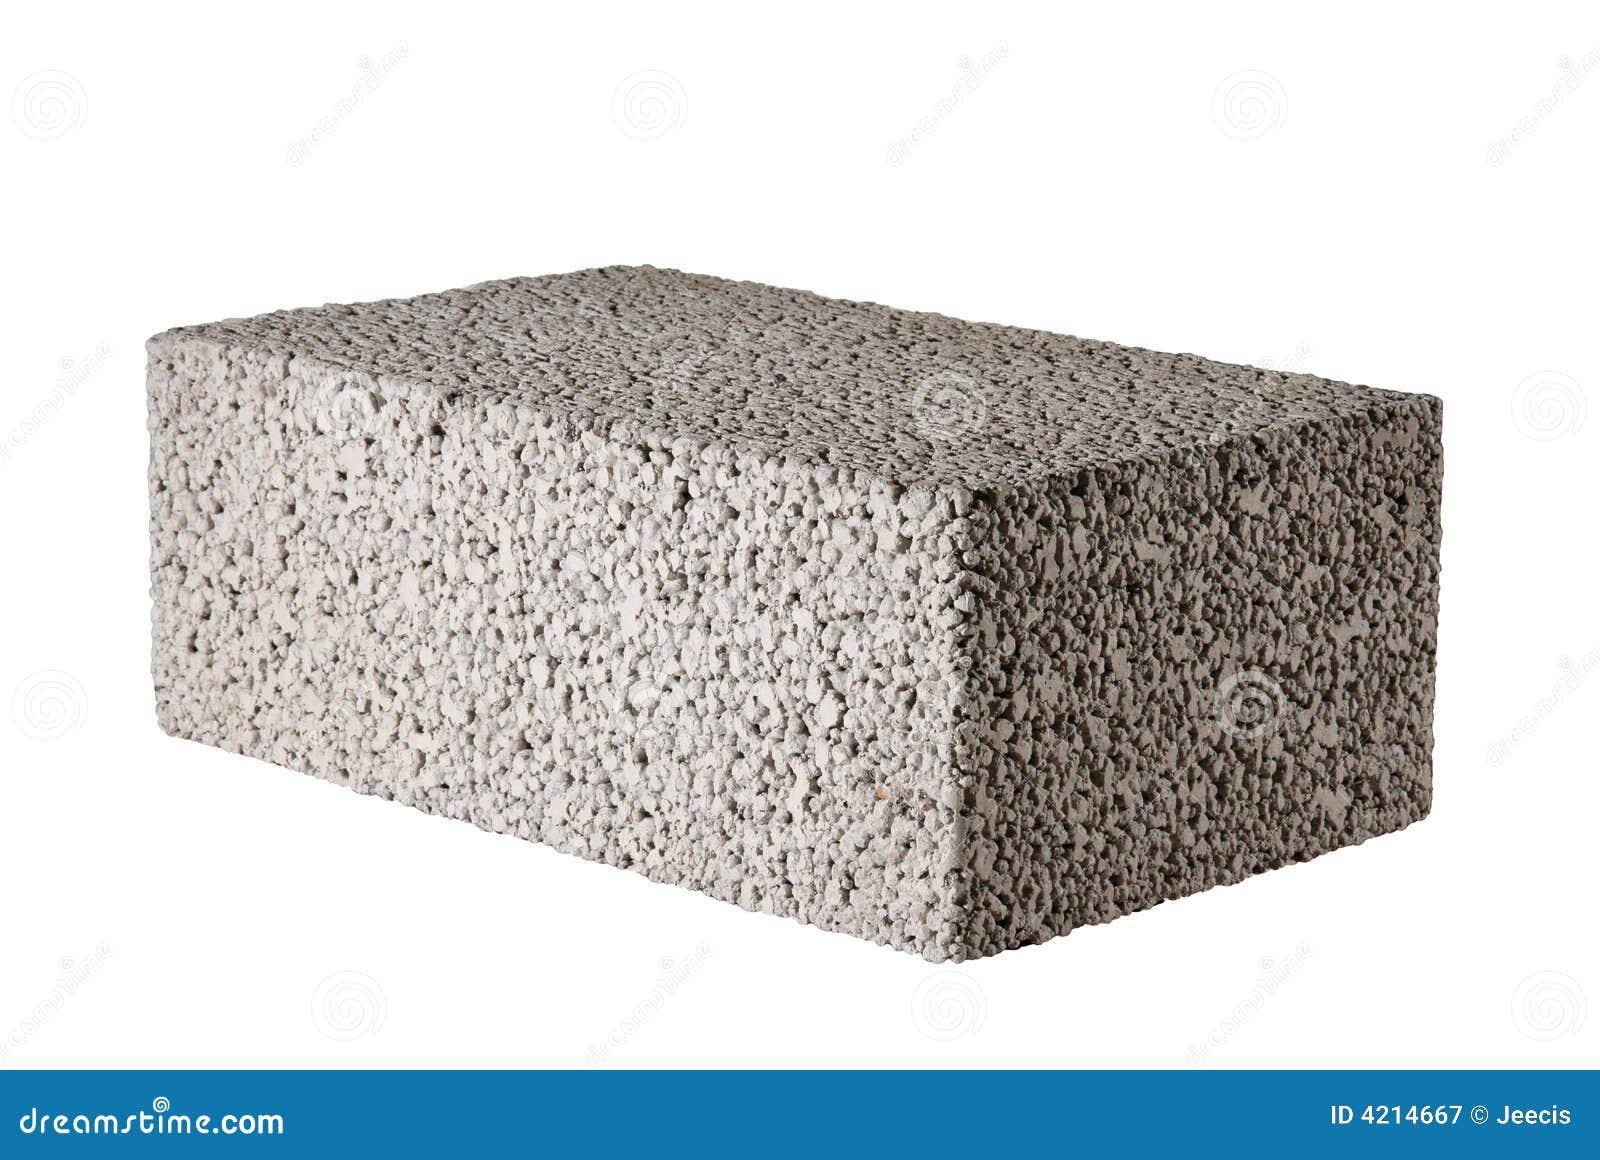 Bloque de cemento imagen de archivo imagen de ladrillo for Bloques cemento para jardin